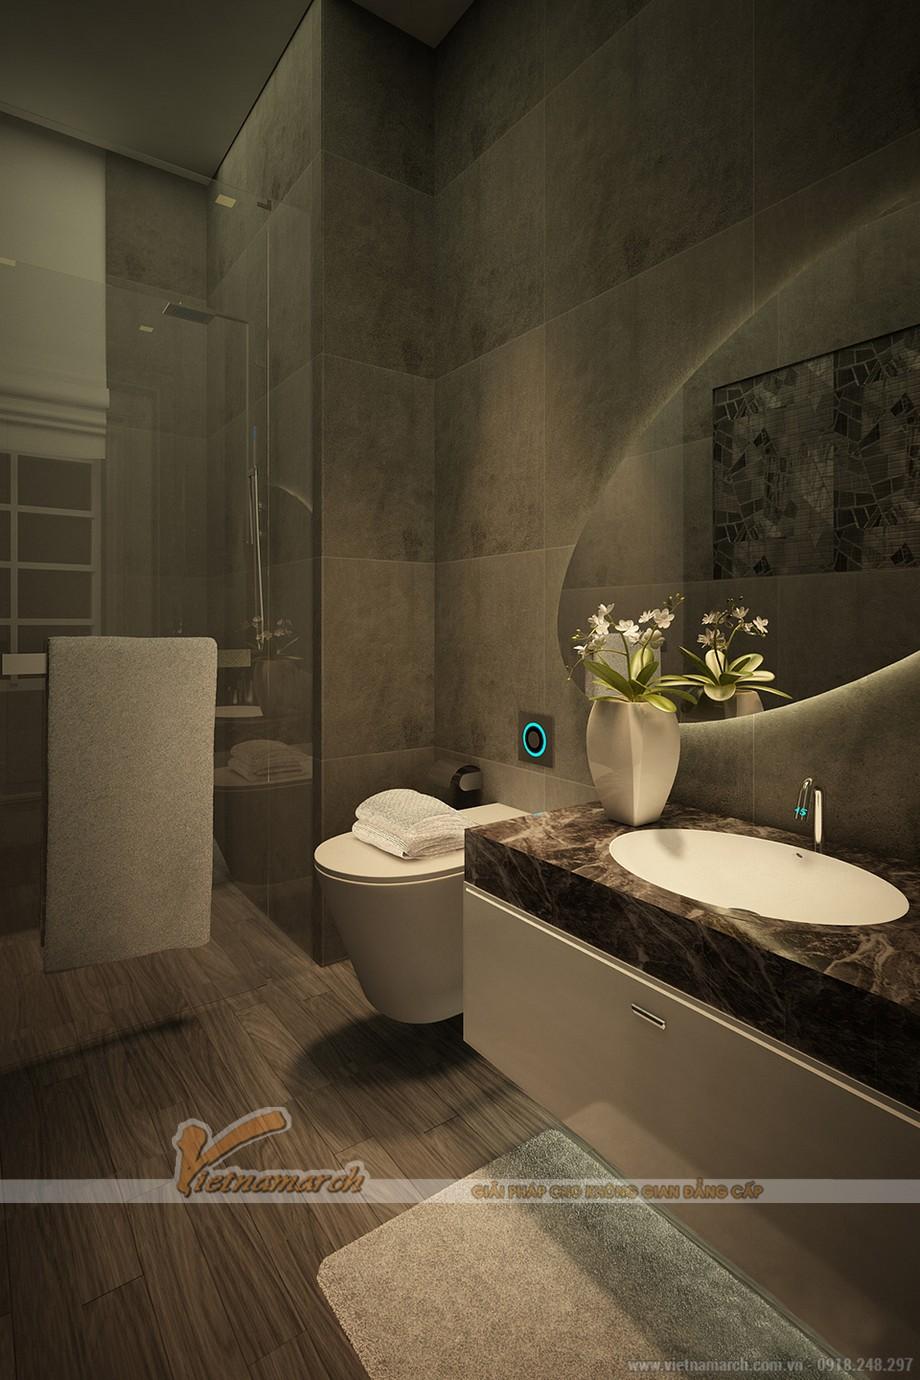 Phòng tắm được thiết kế hiện đại với những nội thất cao cấp